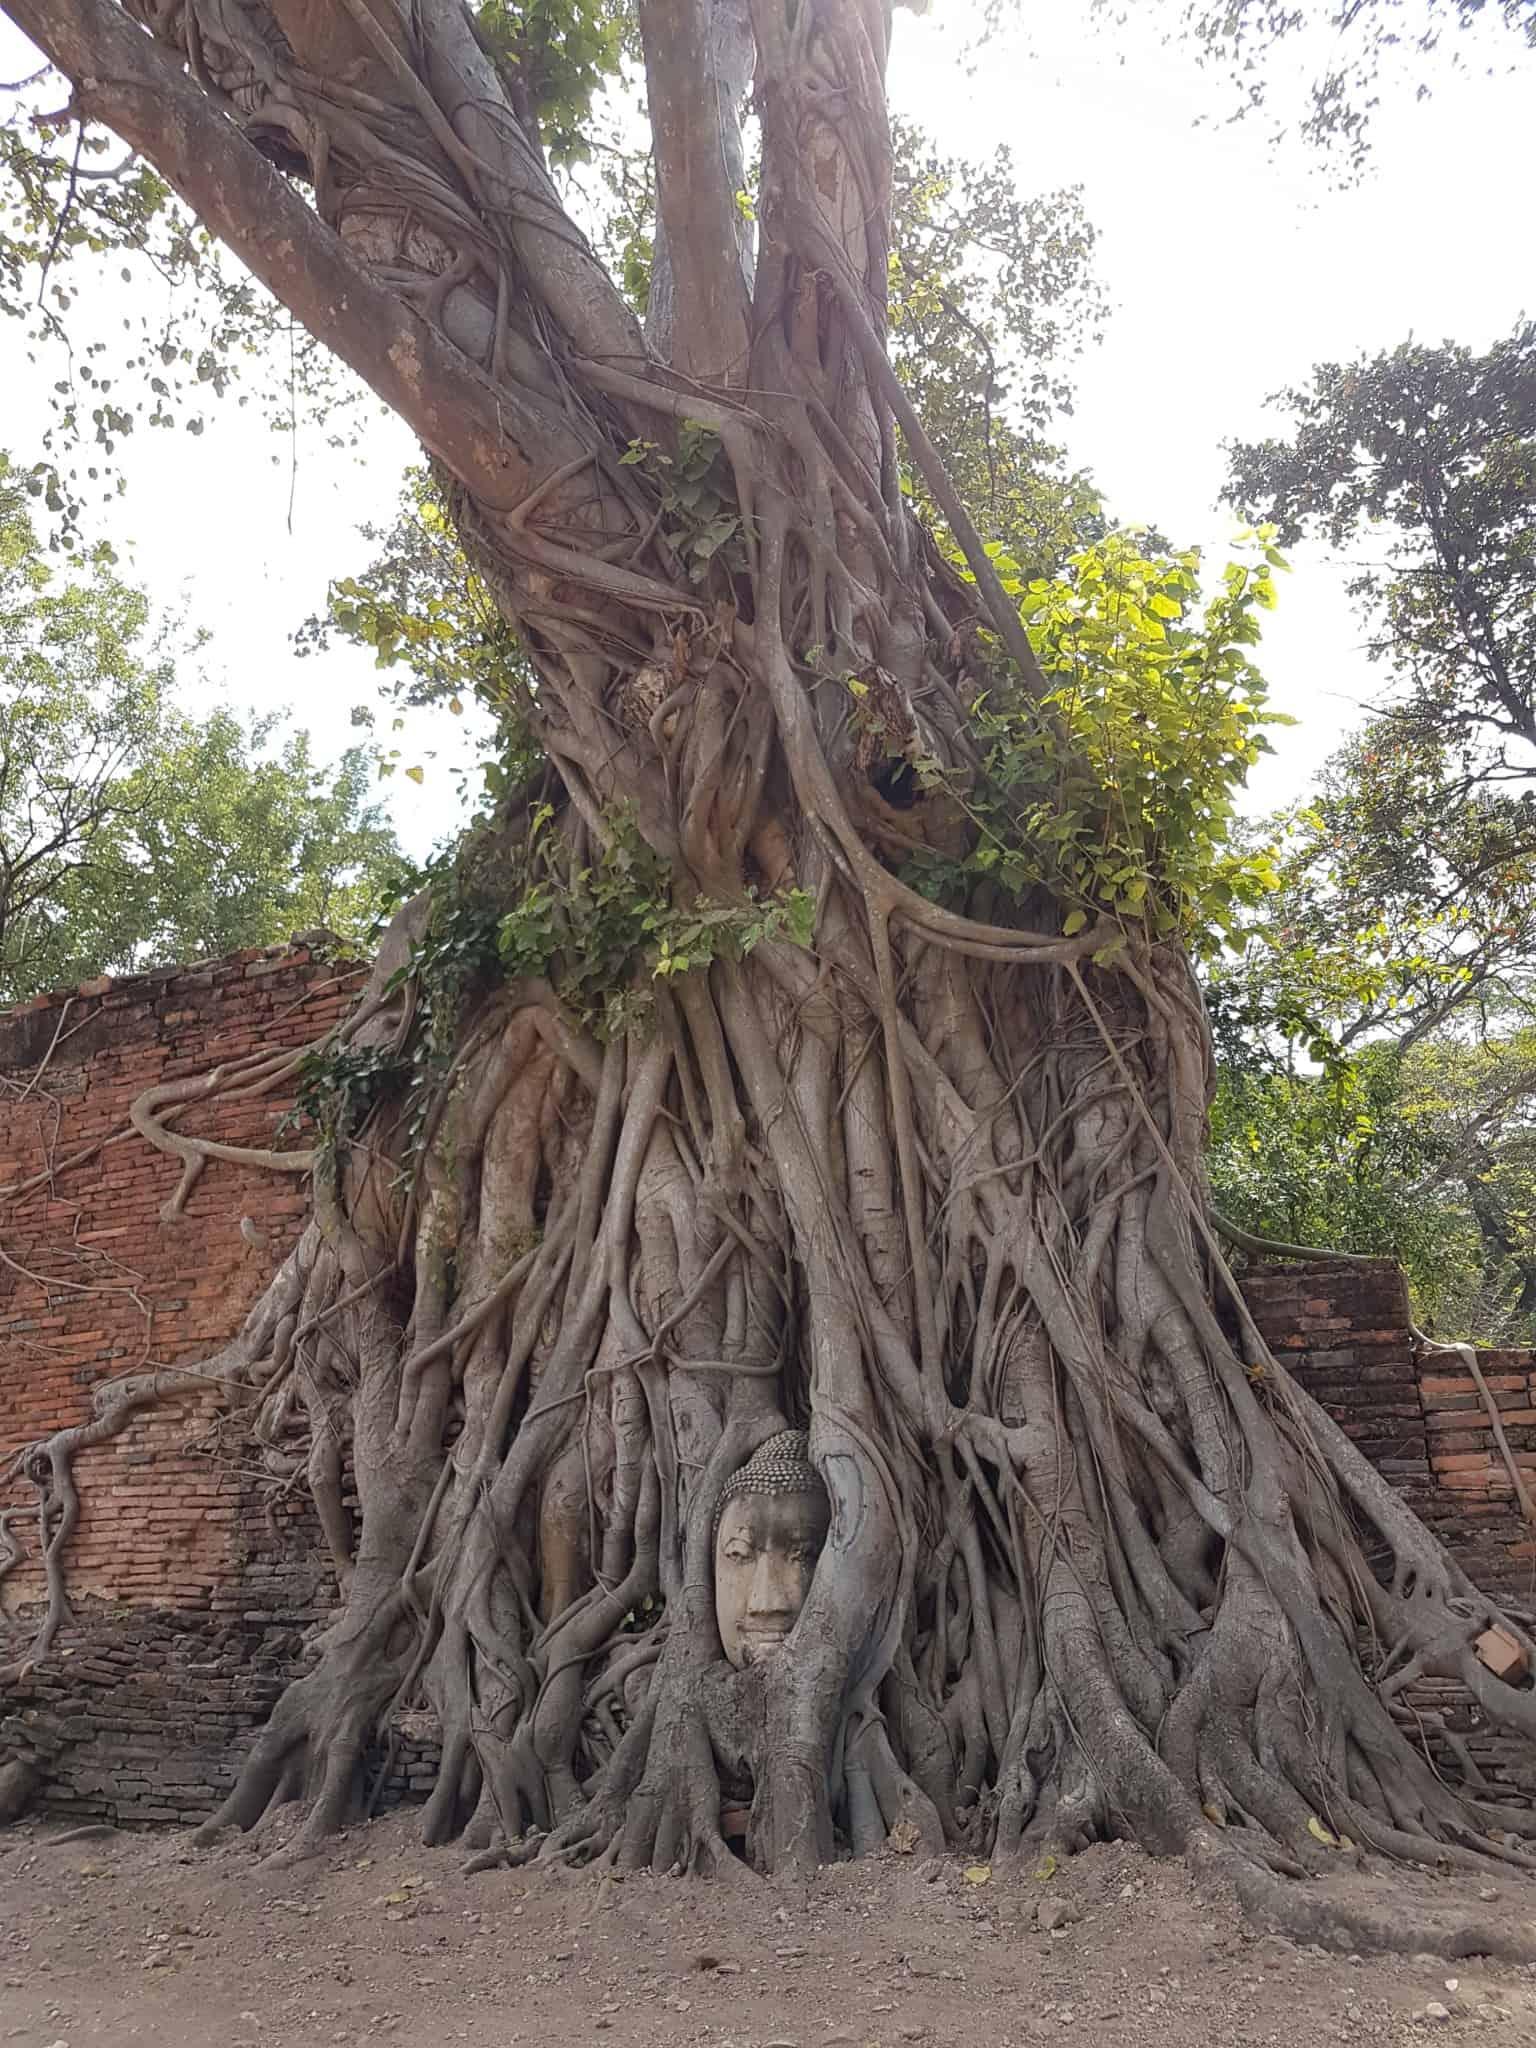 Thaïlande, visite d'Ayutthaya et de ses temples 🌞 9